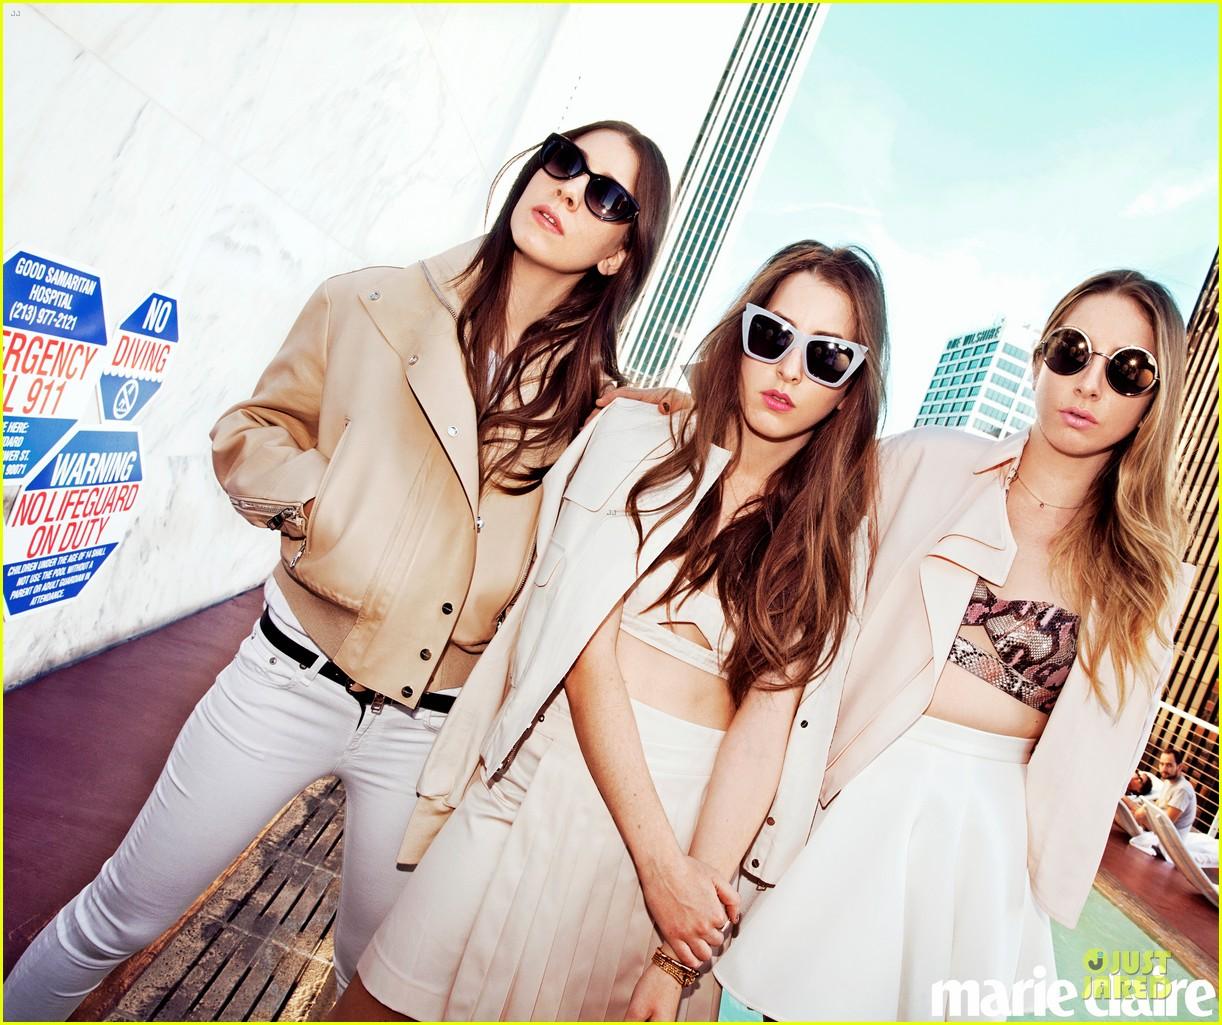 haim fashion in marie claire 023083233